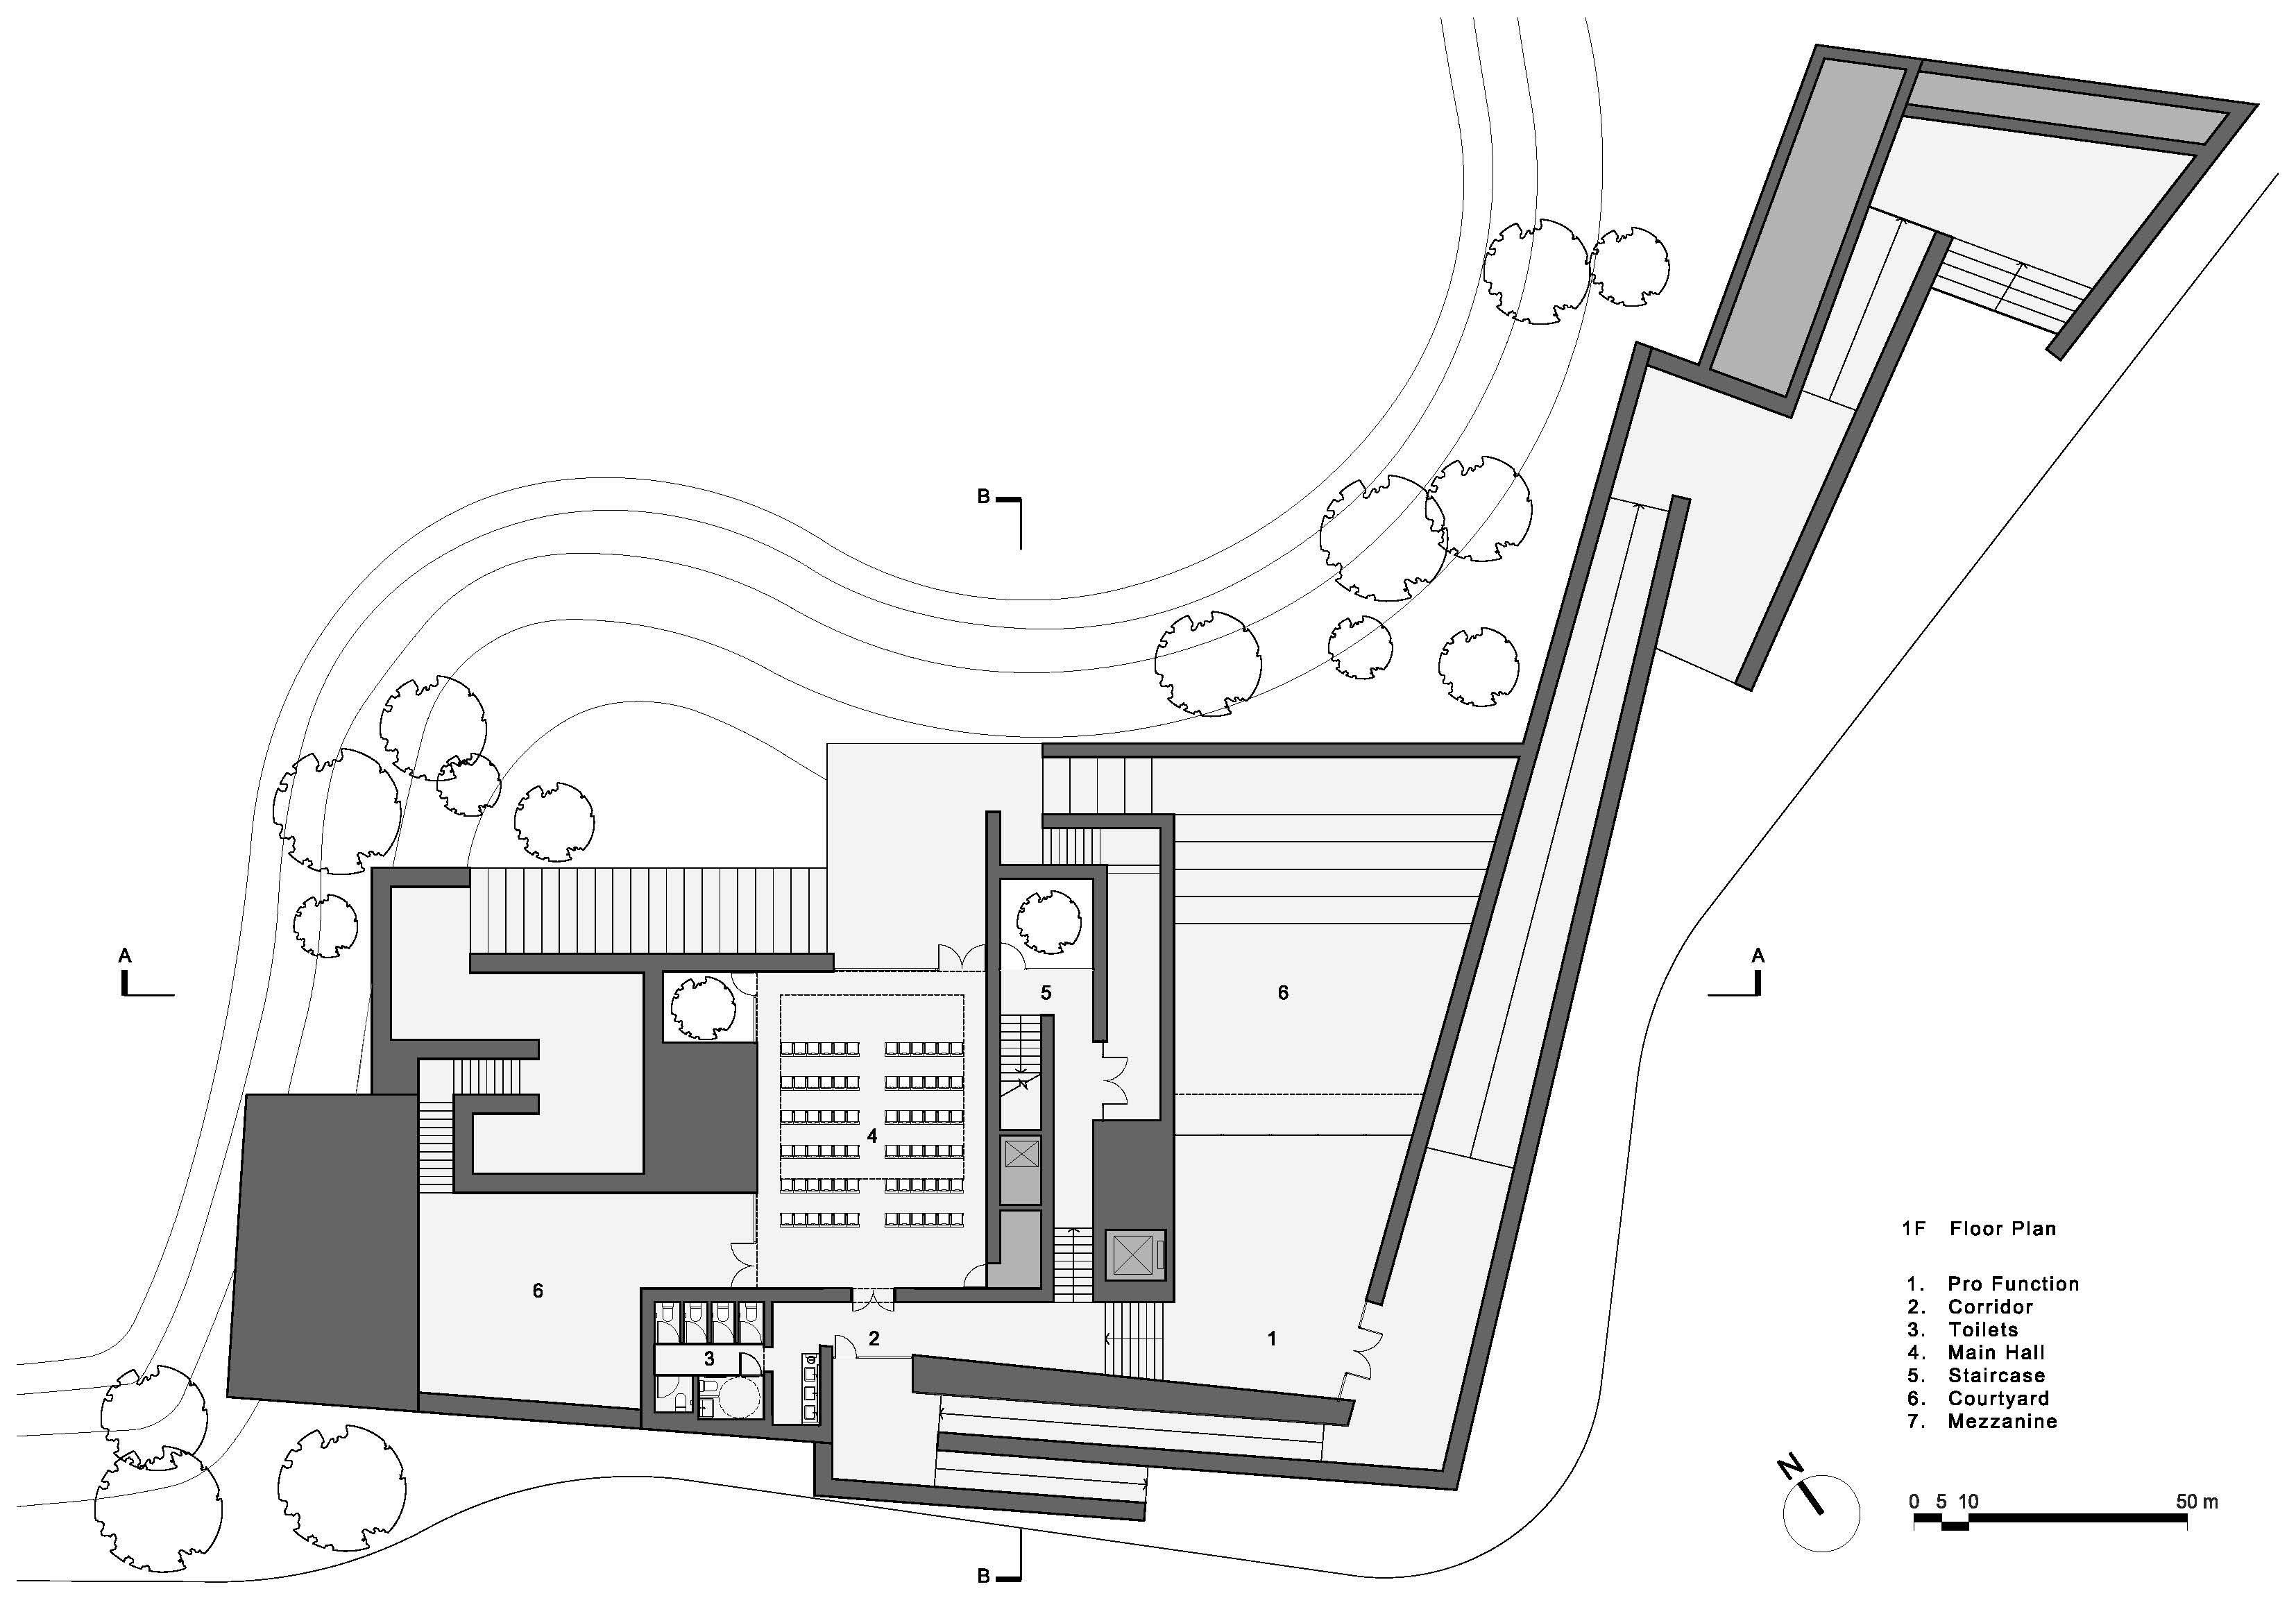 Souzhou Chapel floor plan 1 }